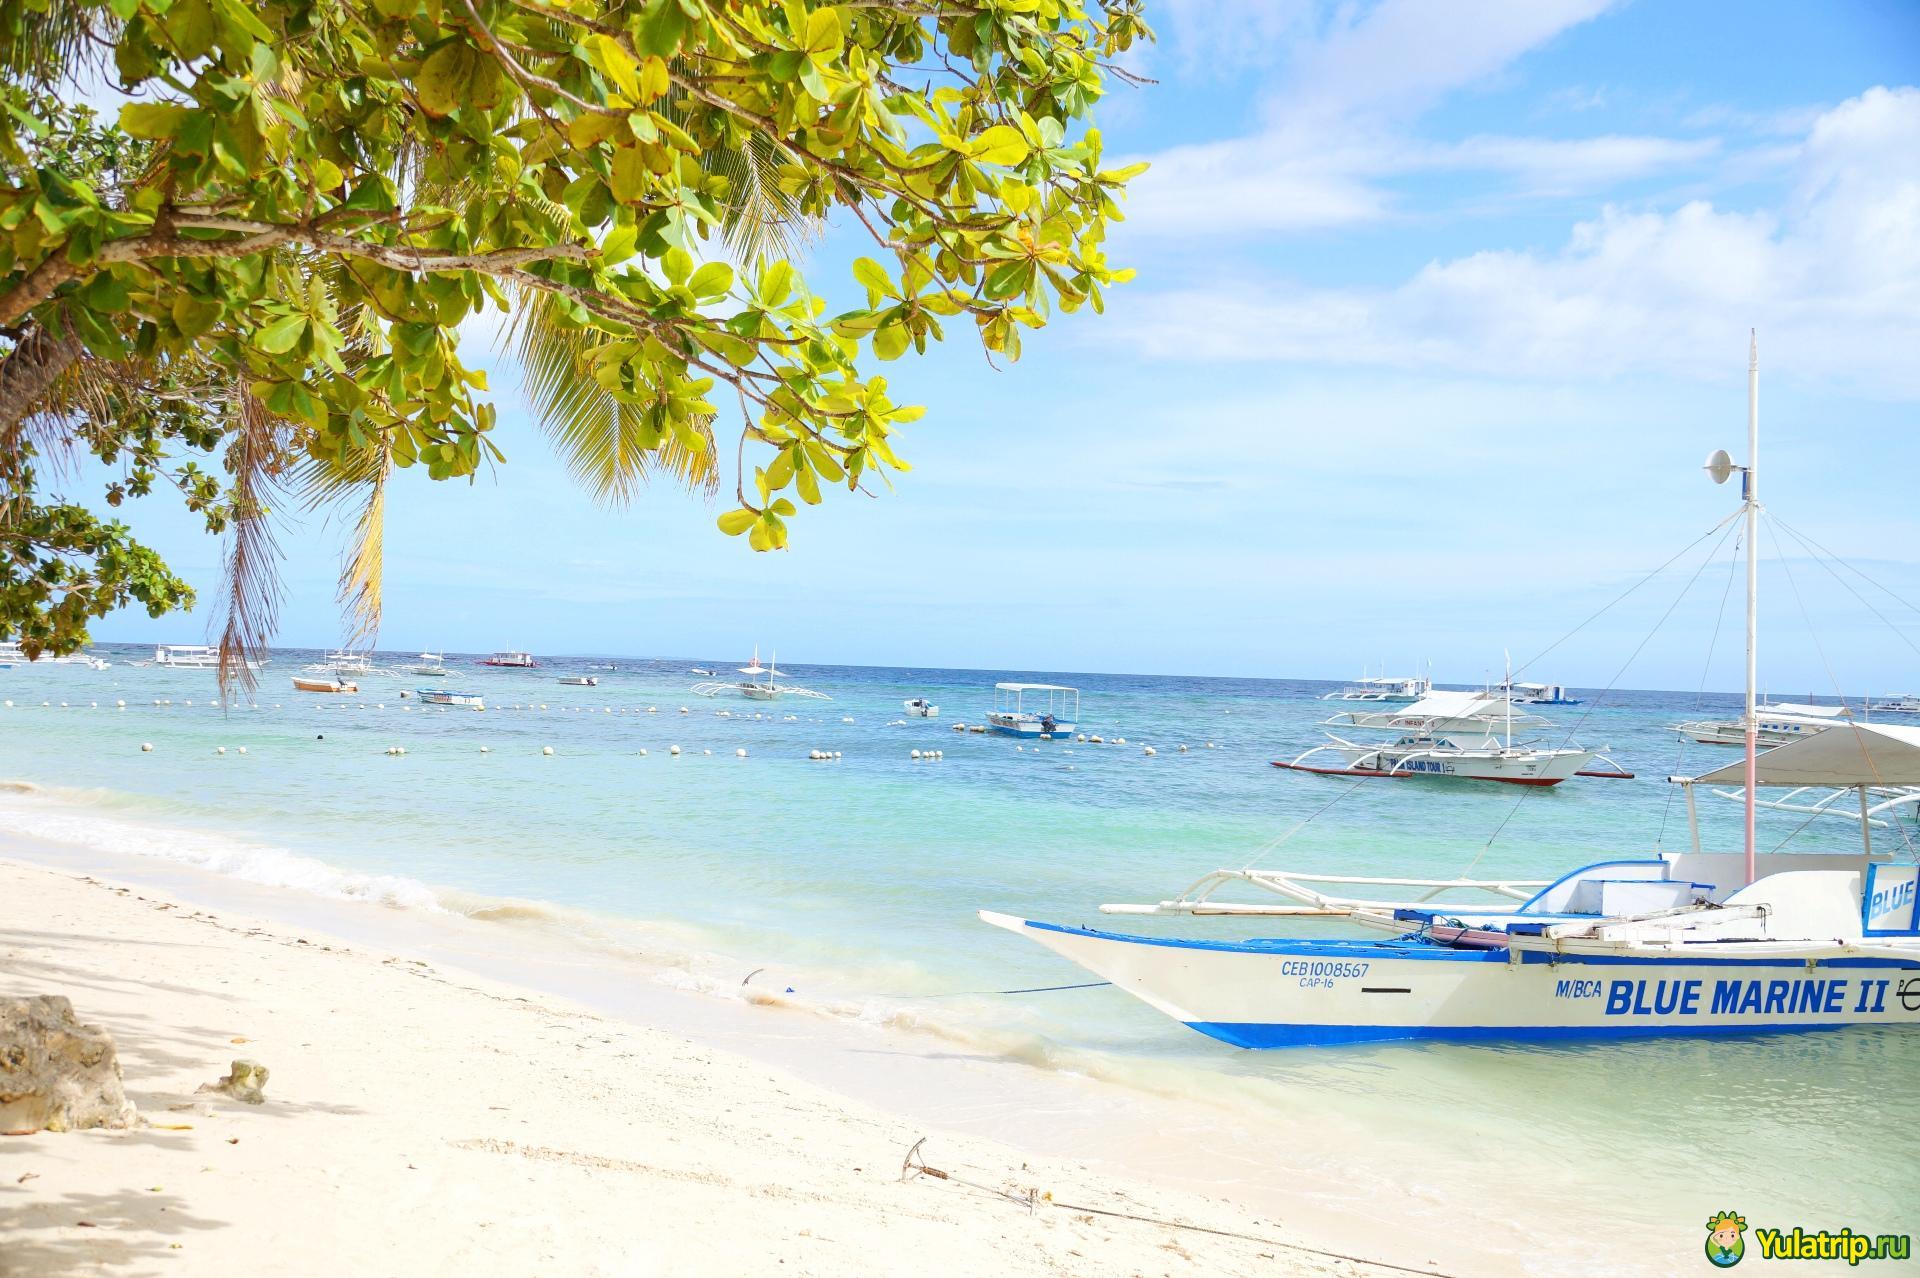 алона бич панглао бохол филиппины